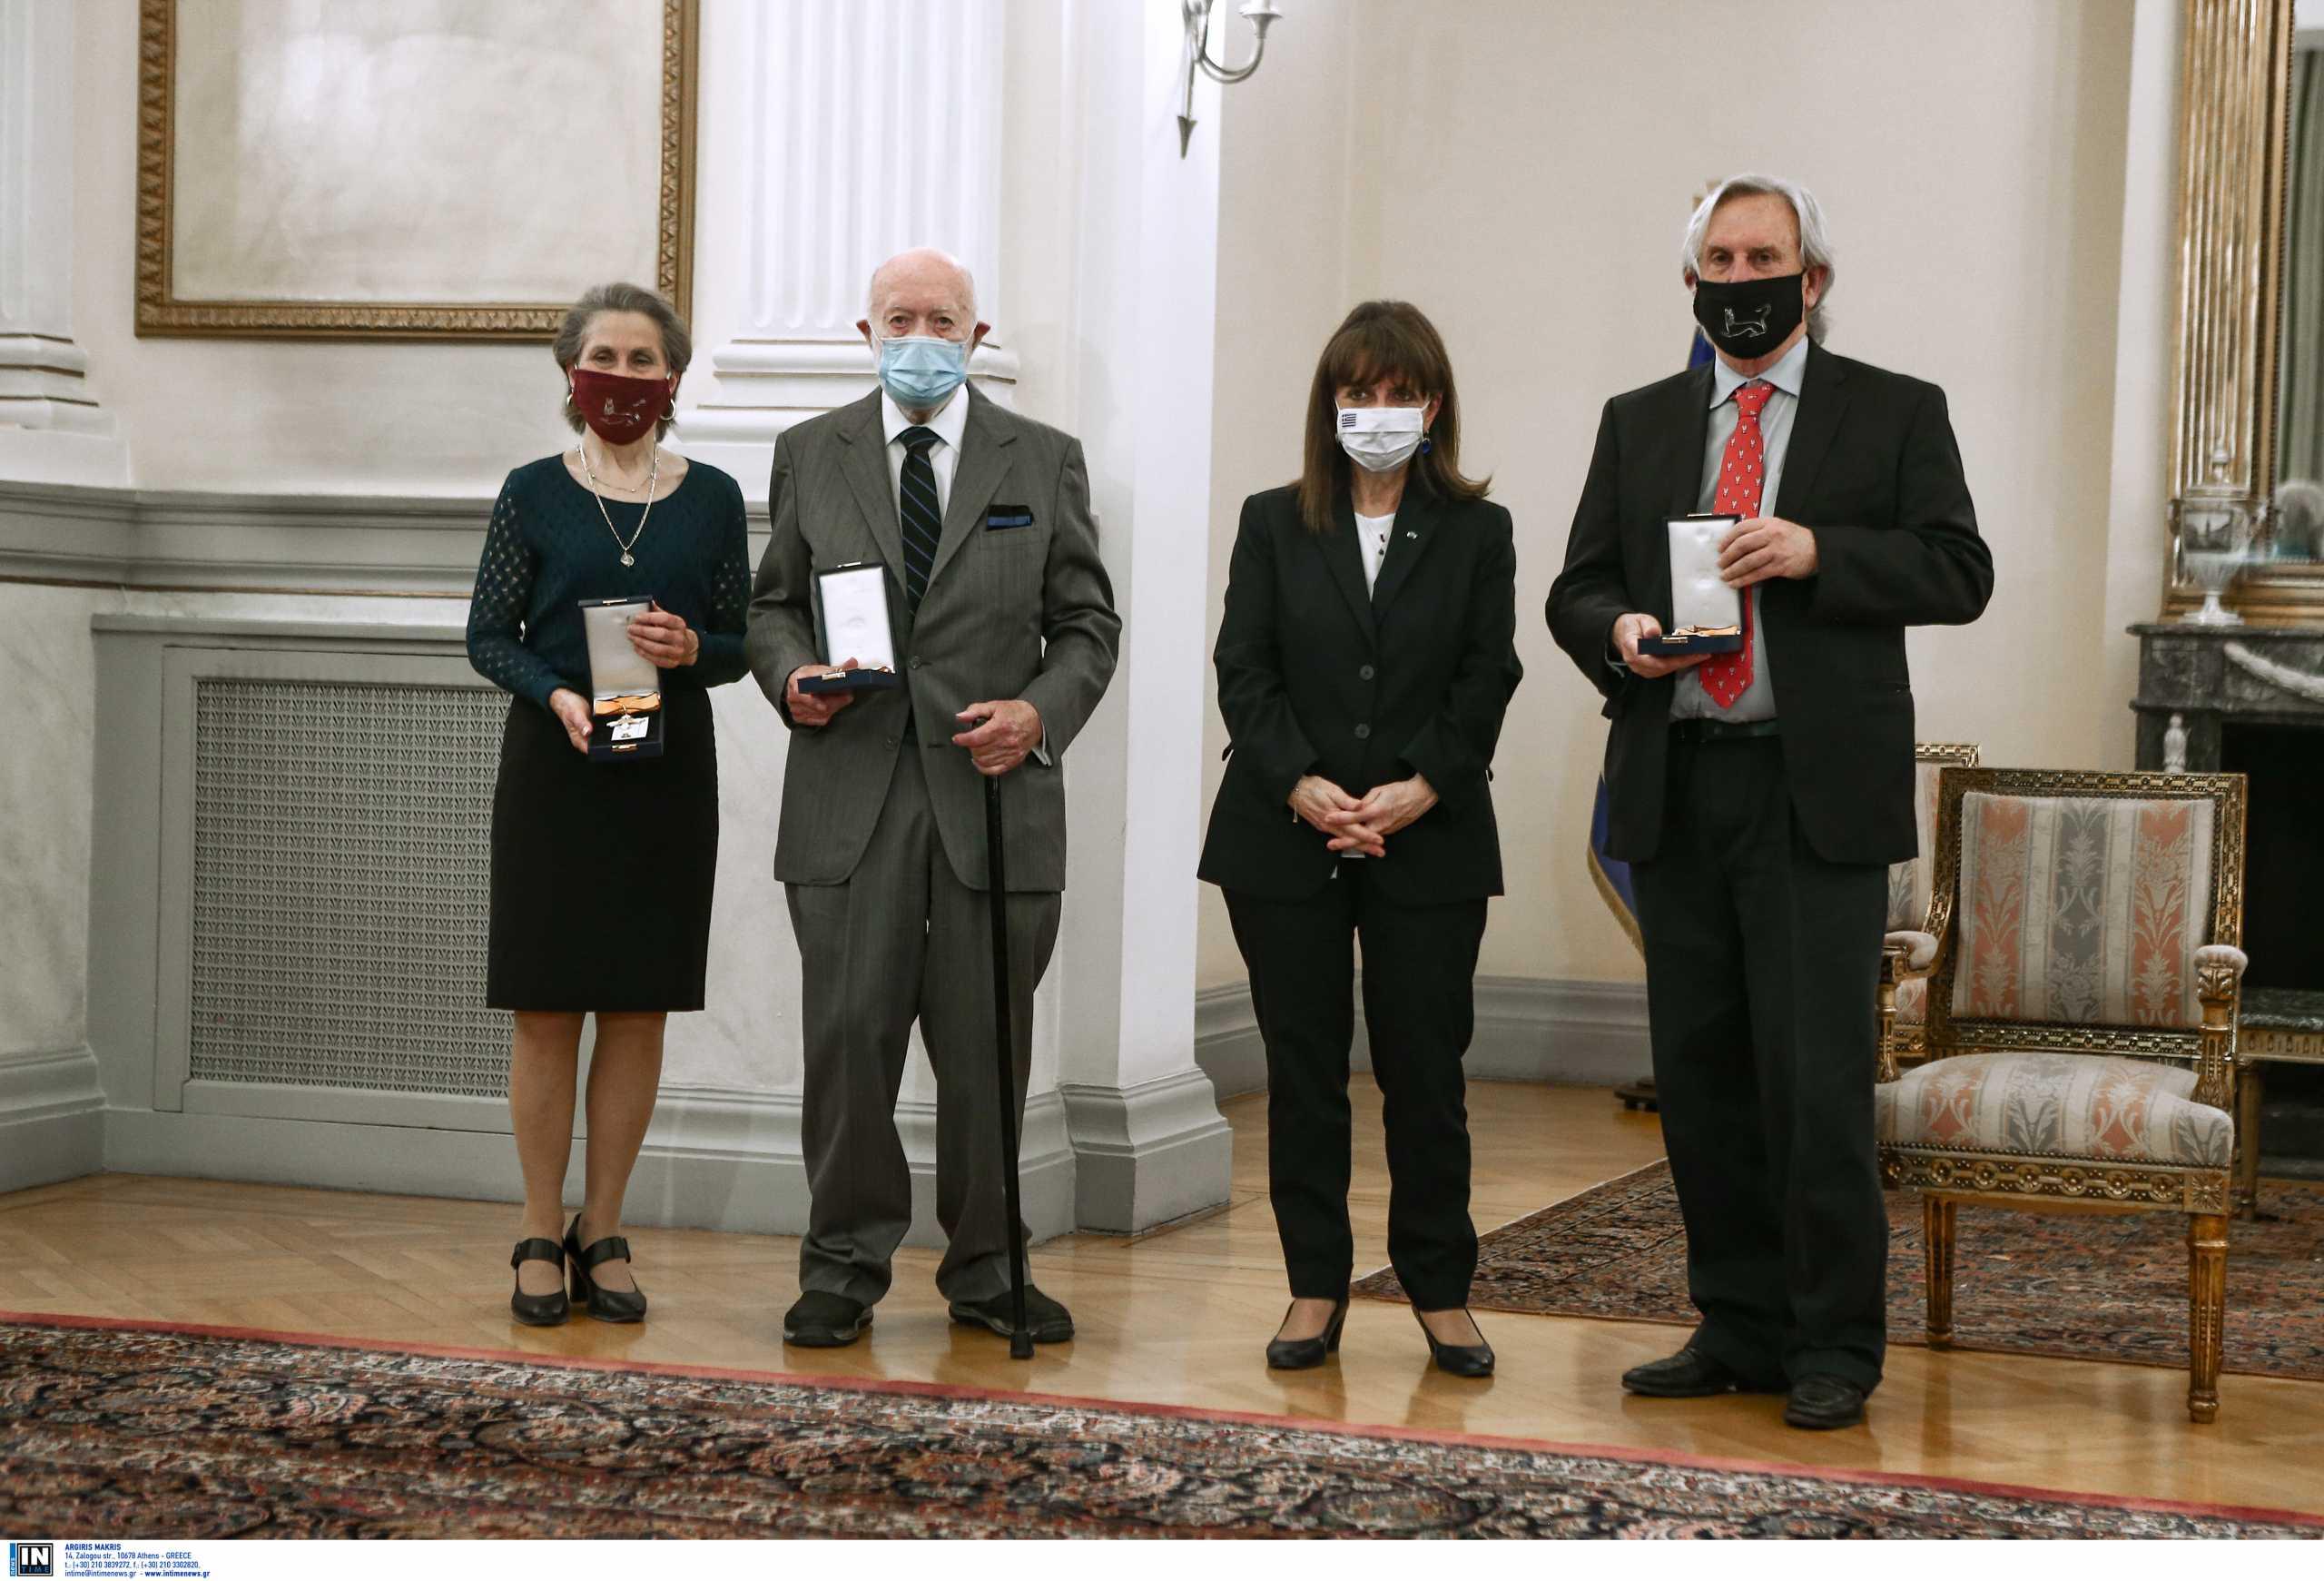 Η Κατερίνα Σακελλαροπούλου παρασημοφόρησε τρεις διακεκριμένους Αμερικανούς αρχαιολόγους (pics)